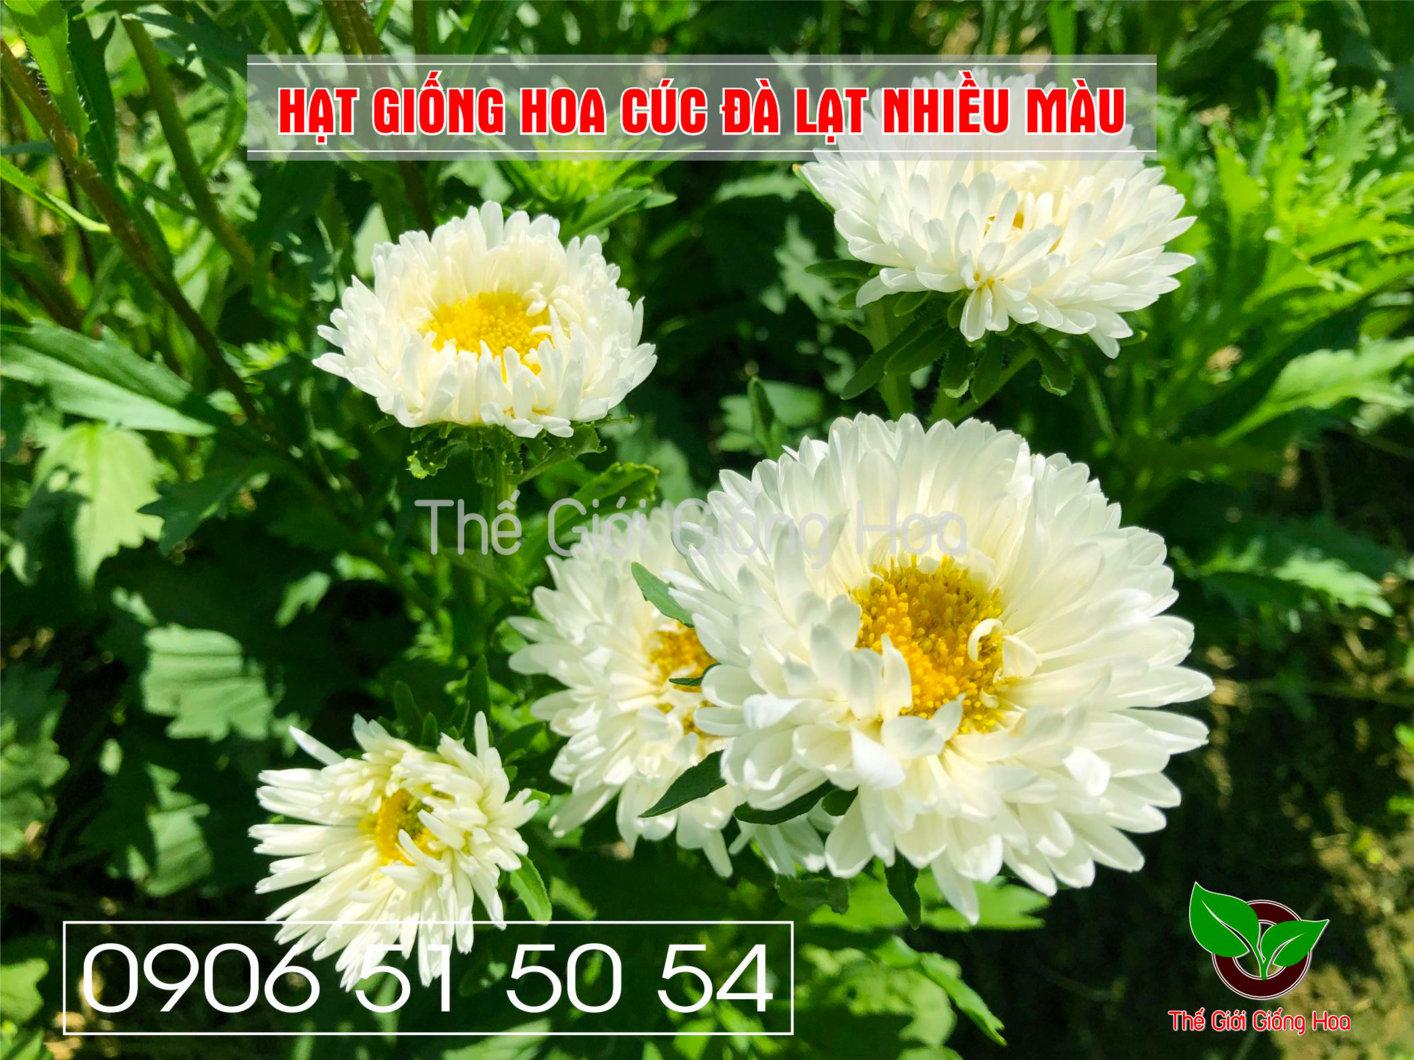 cuc-dalat-nhieu-mau-12-jpg.48697